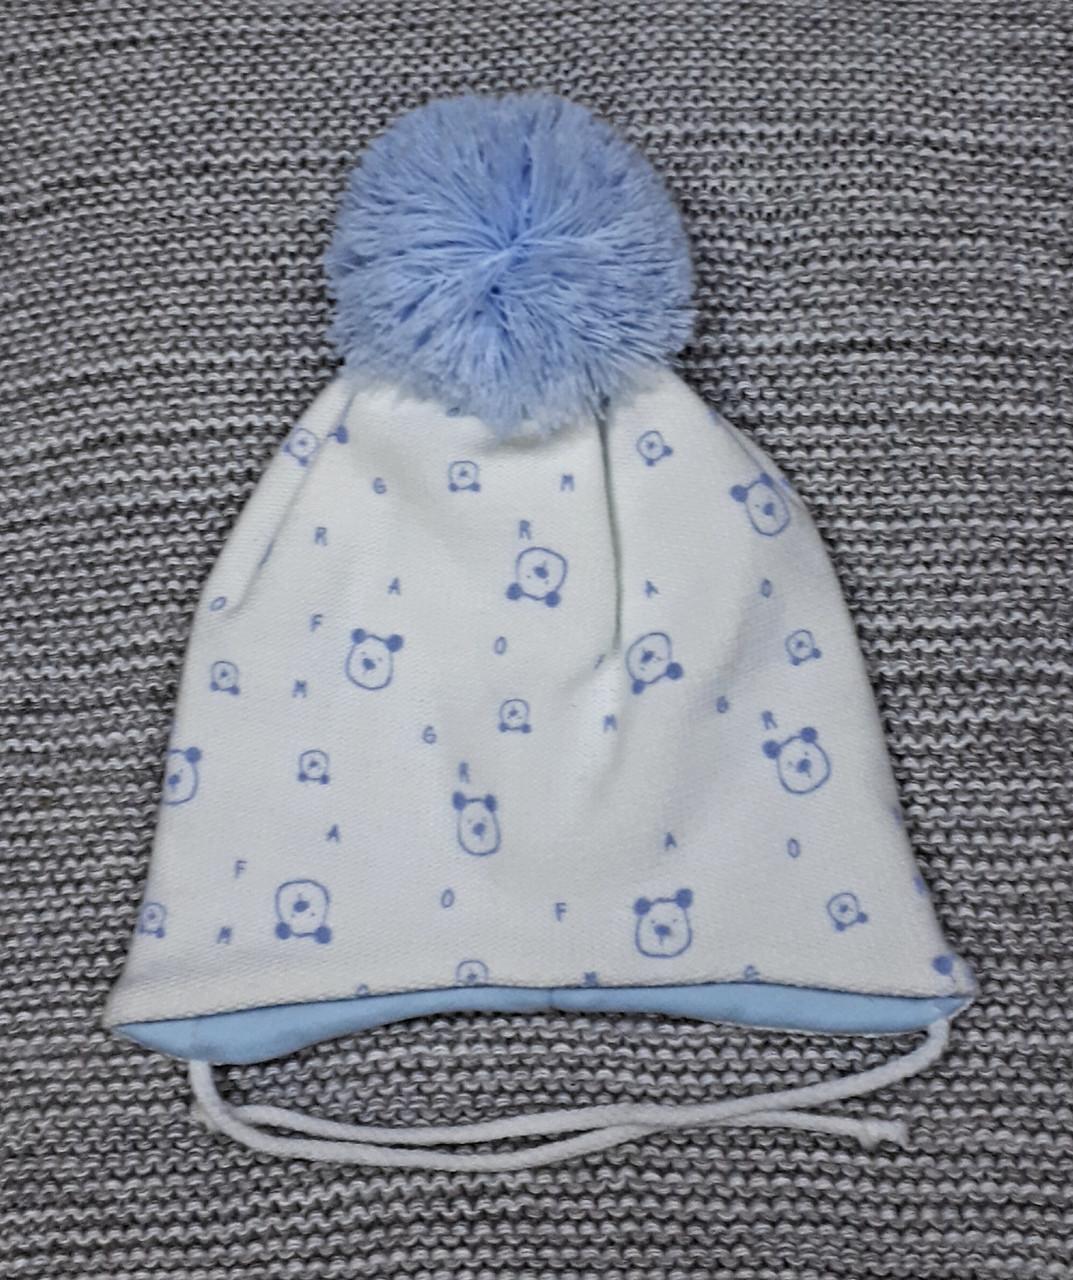 Шапка детская  на мальчика зима белого цвета MAGROF (Польша) размер 42 44